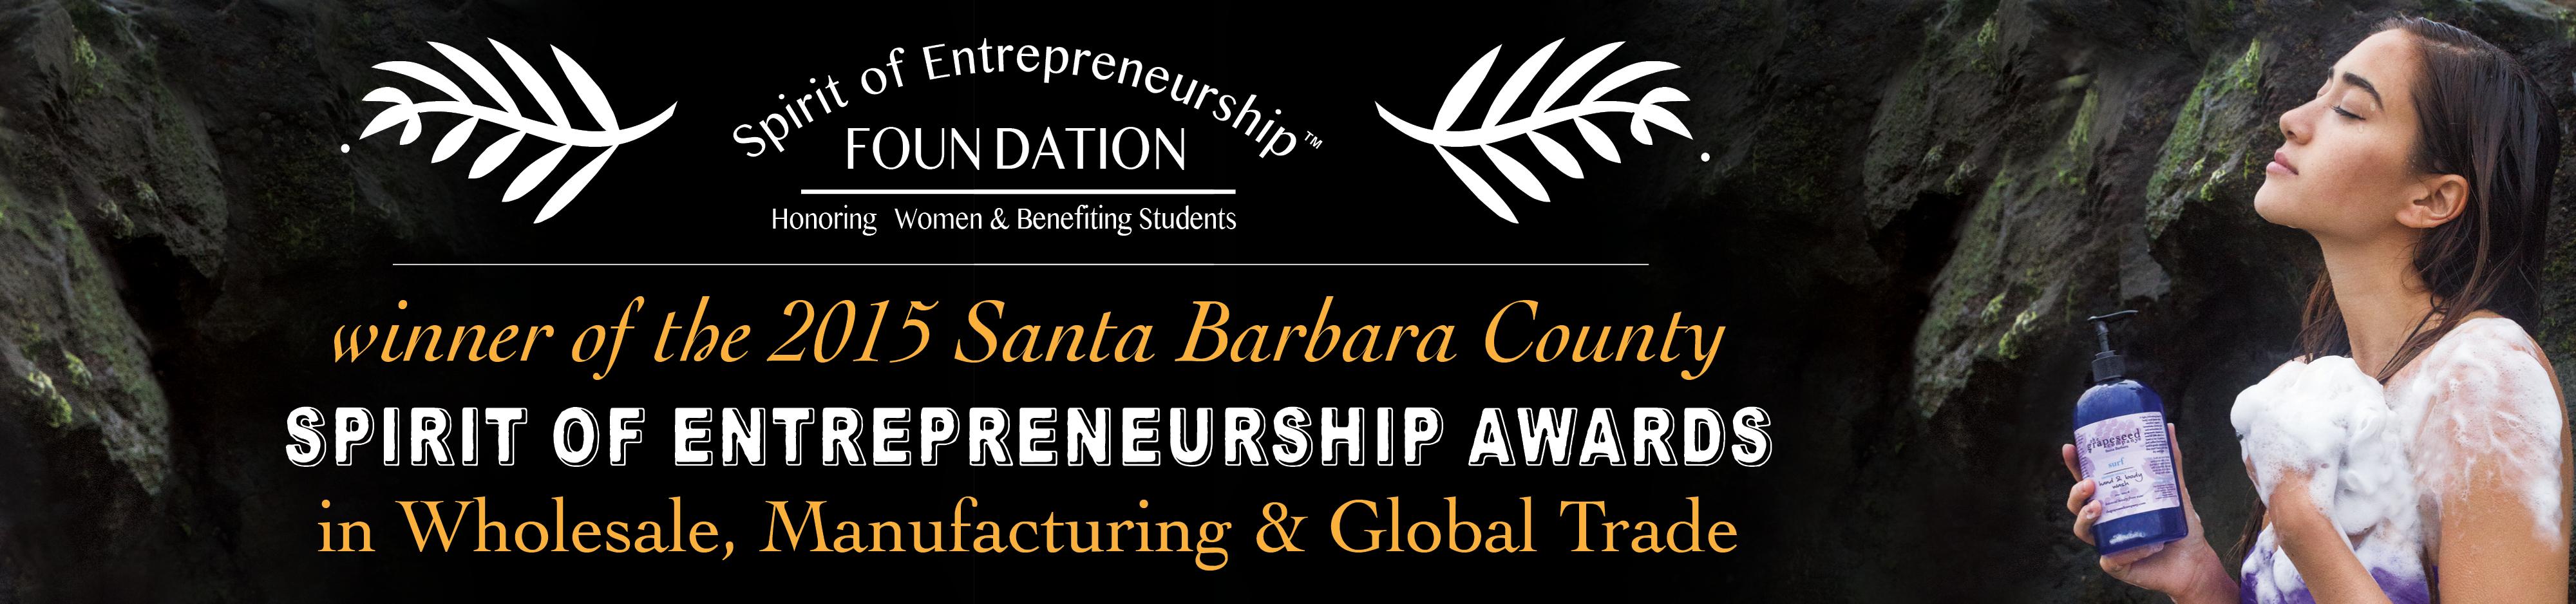 entrepreneurship-award-banner.jpg